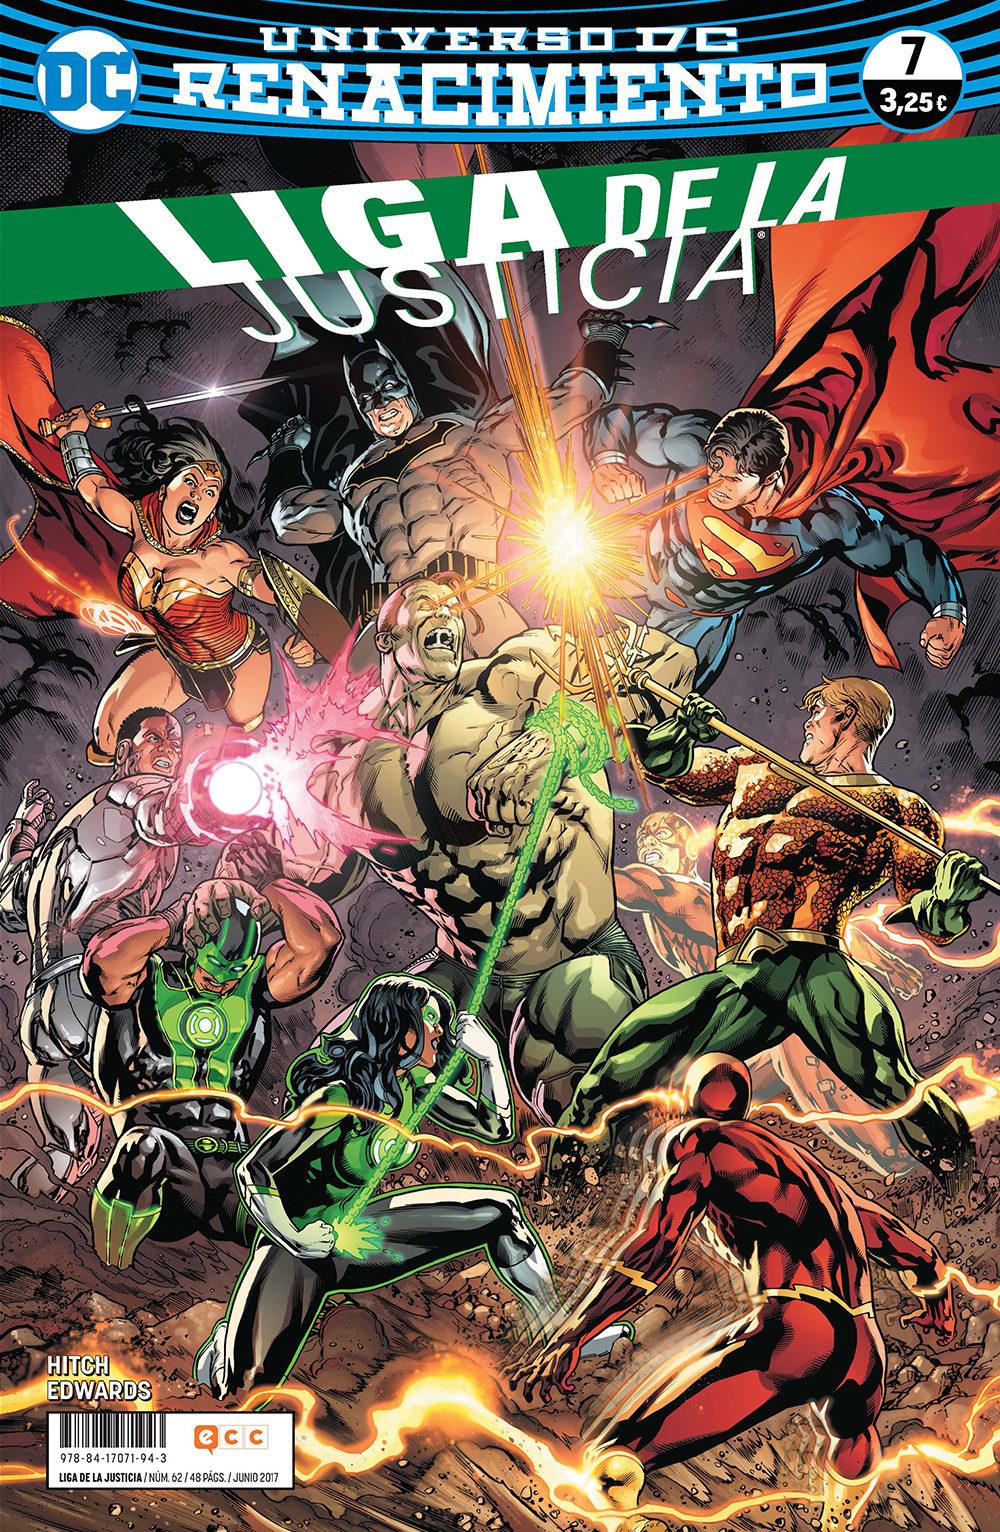 Liga De La Justicia Nº 62/ 7 (renacimiento) - Hitch Bryan